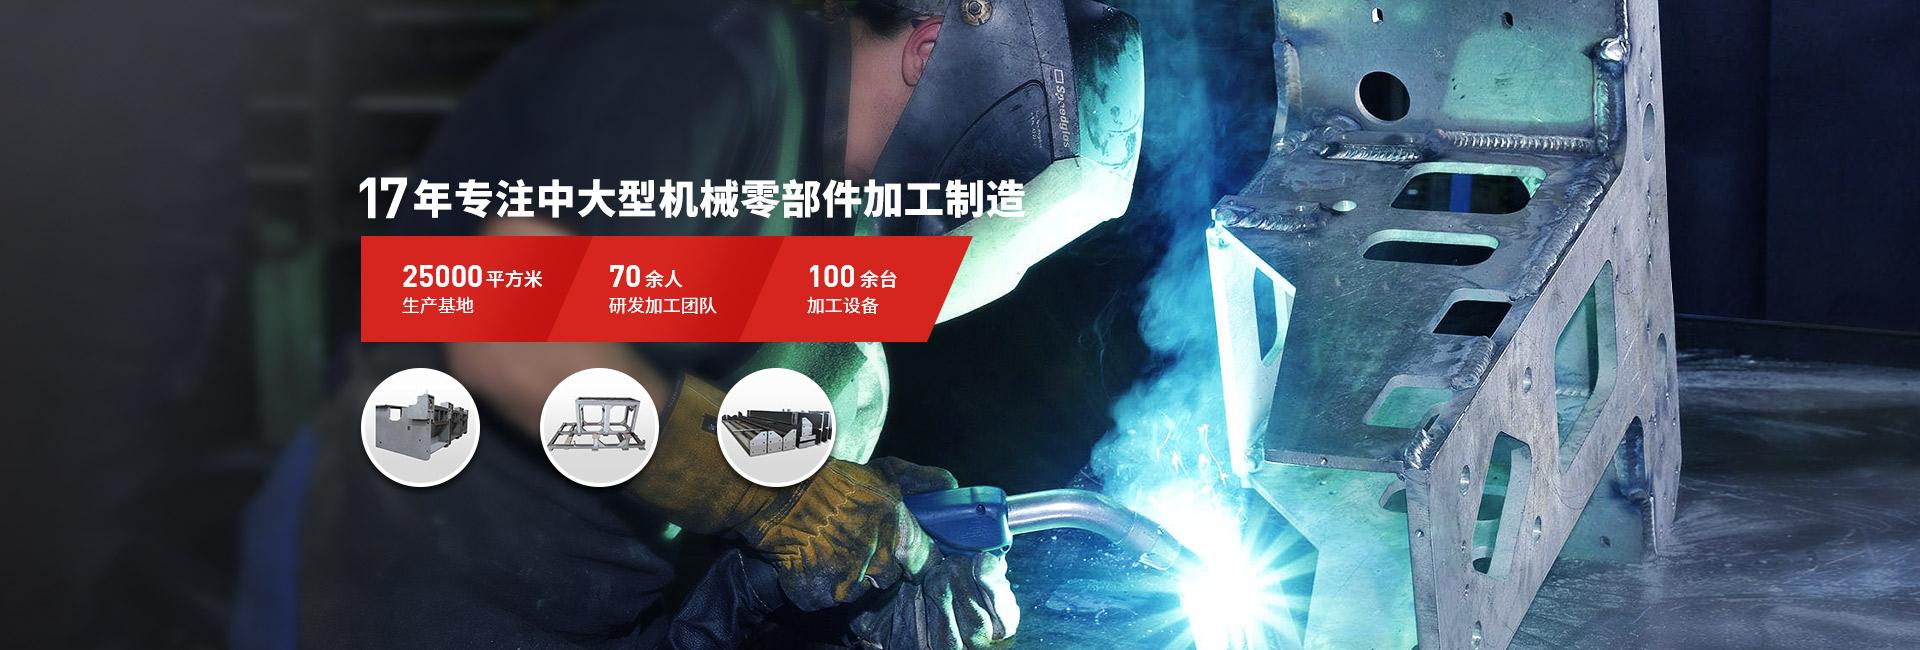 华新科-17年专注中大型机械零部件加工厂